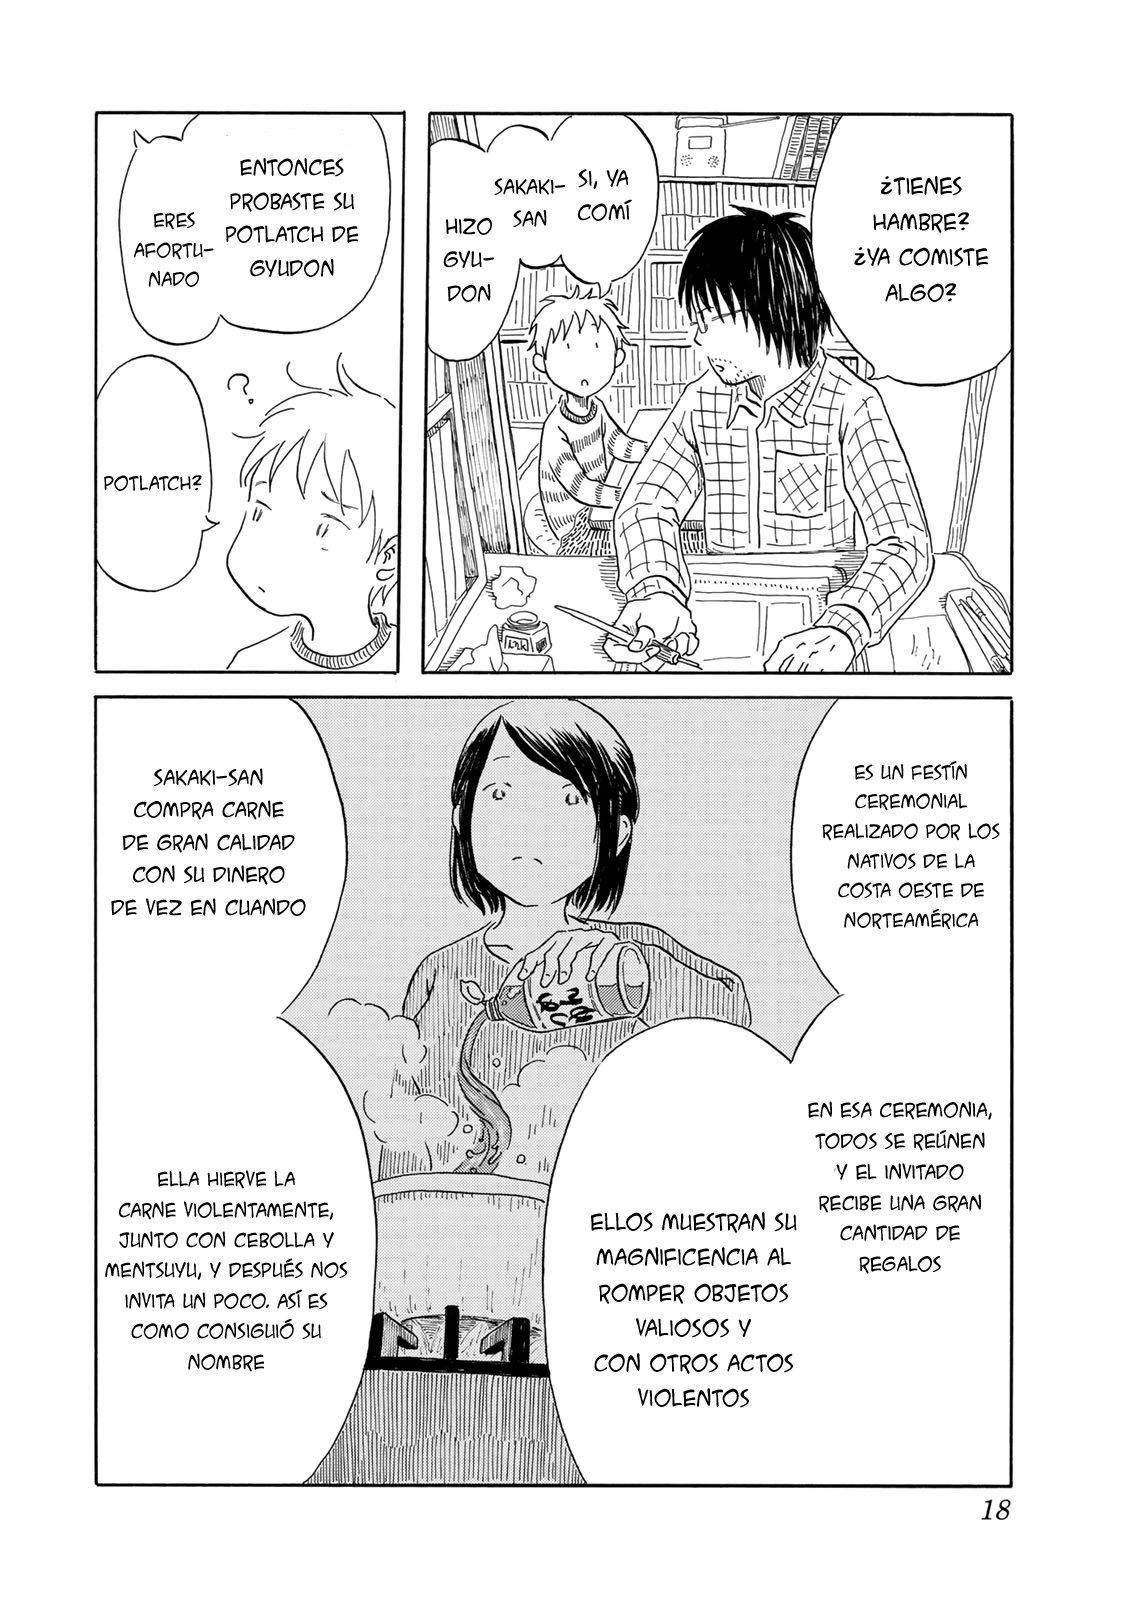 https://nine.mangadogs.com/es_manga/pic8/50/36658/946317/7a3bb694364c019258145531d6a4231d.jpg Page 19